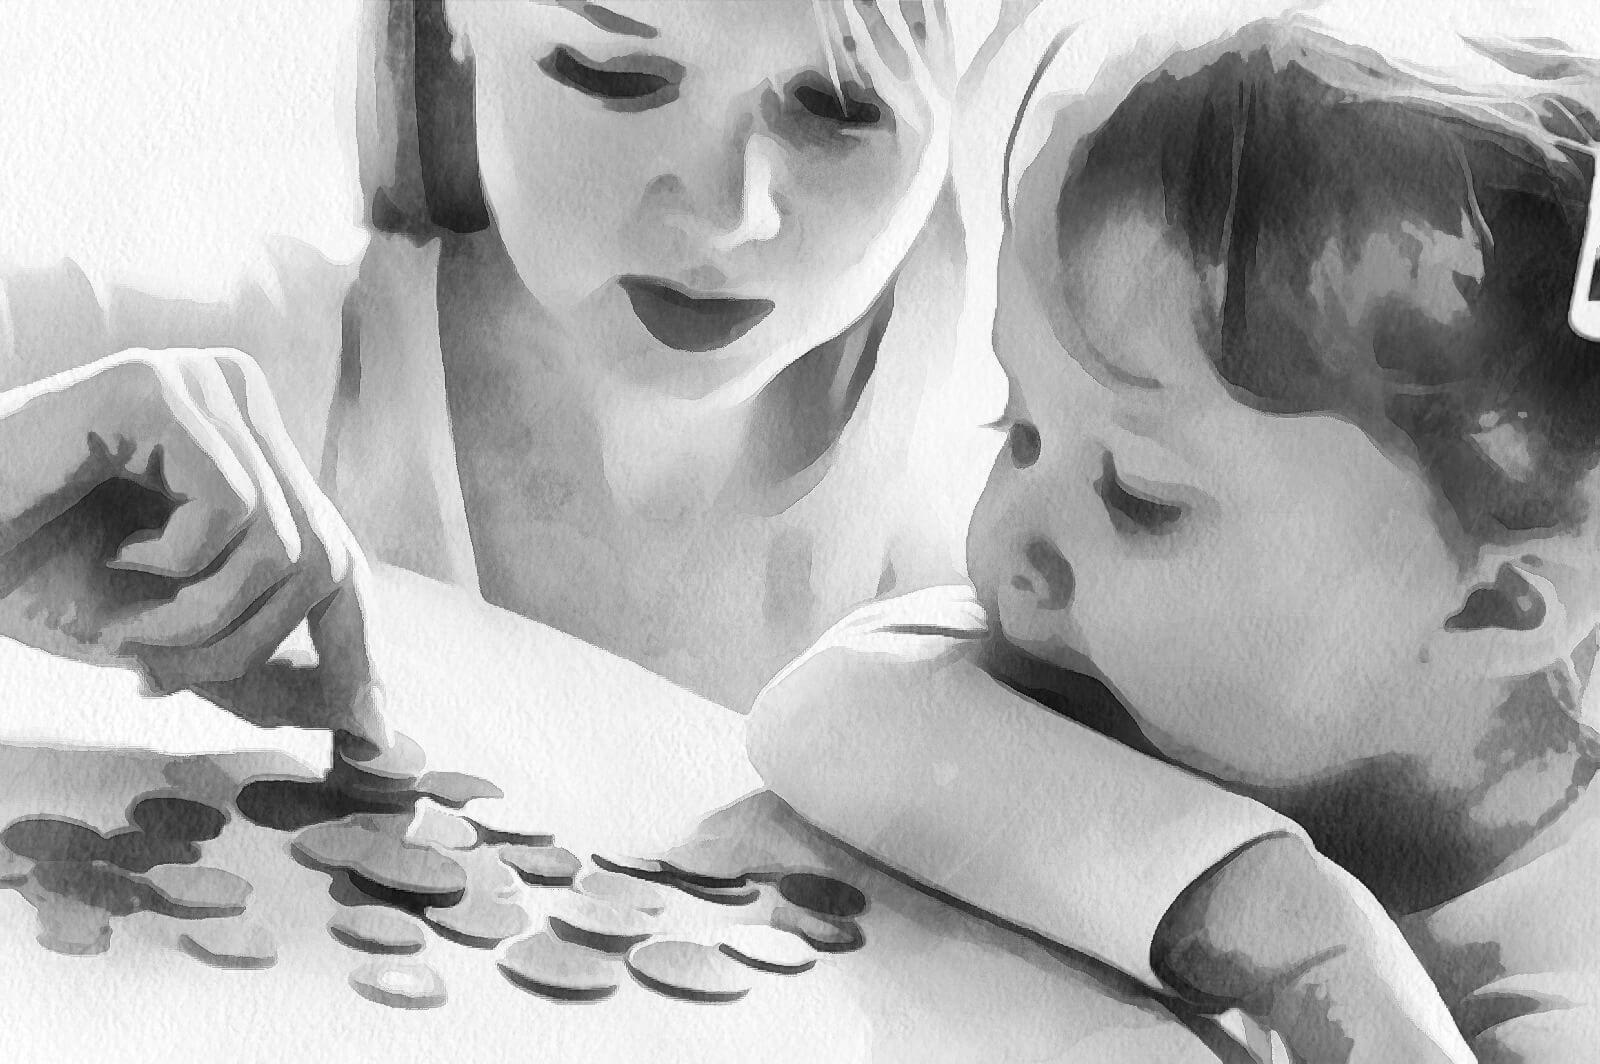 Социальная ипотека для молодых семей. Государственные программы поддержи молодоженов